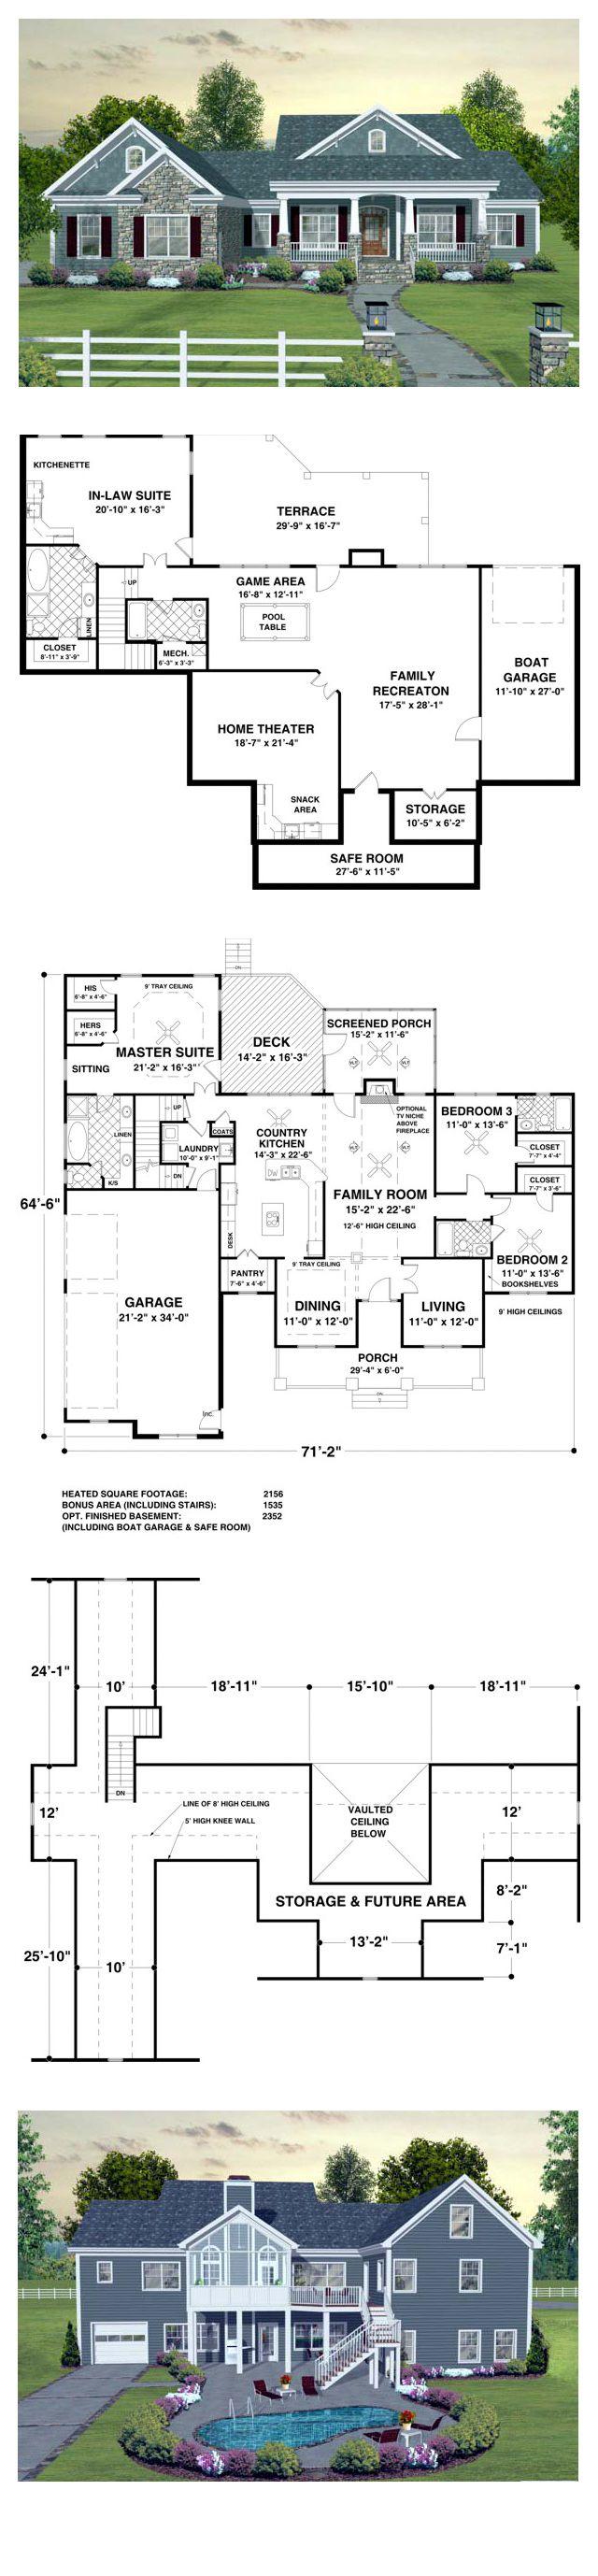 Craftsman House Plan 93483 Total Living